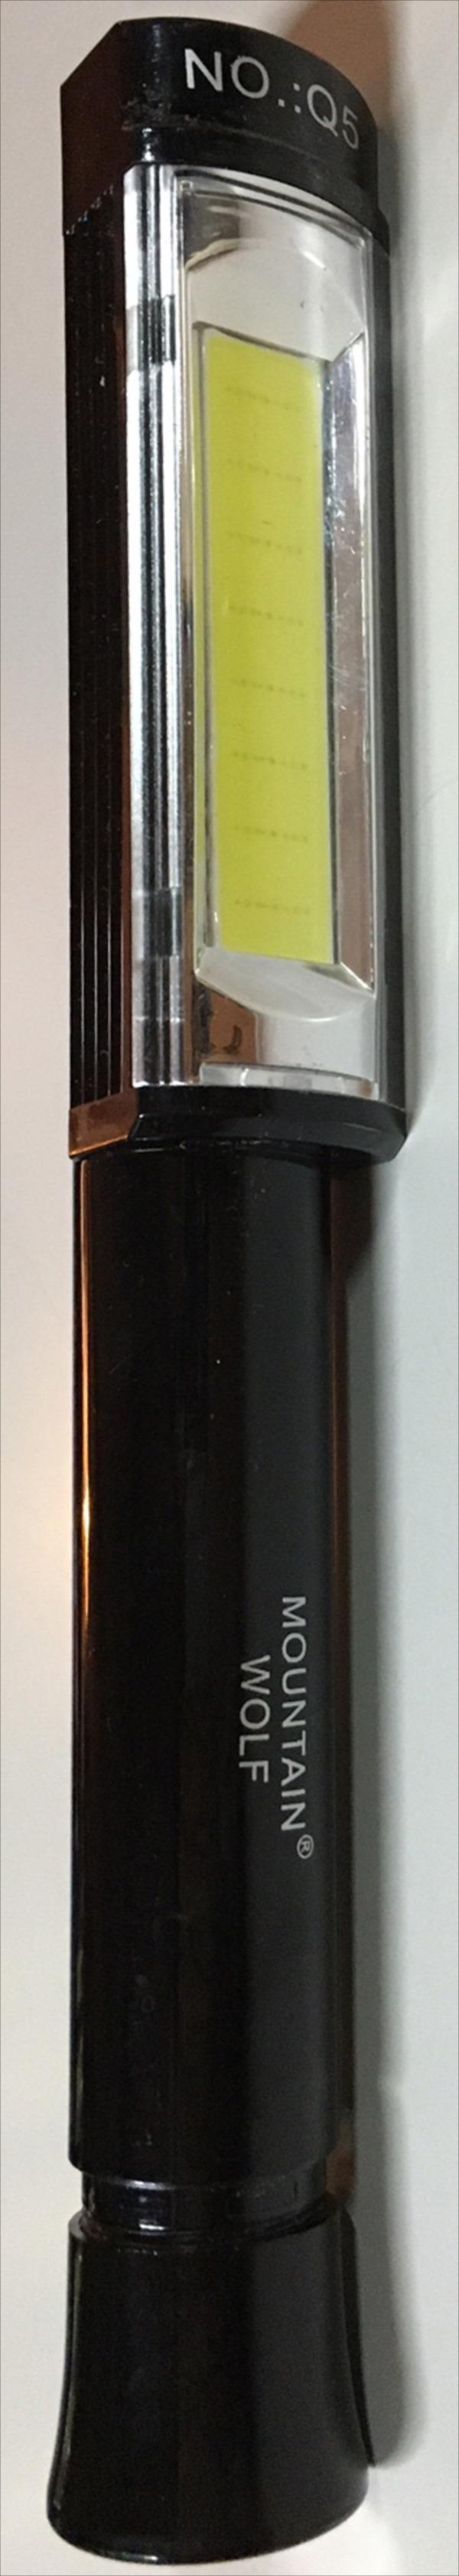 マウンテンウルフ ワーキングCOBライト  / 懐中電灯 LEDライト COBライト 防犯 アウトドア